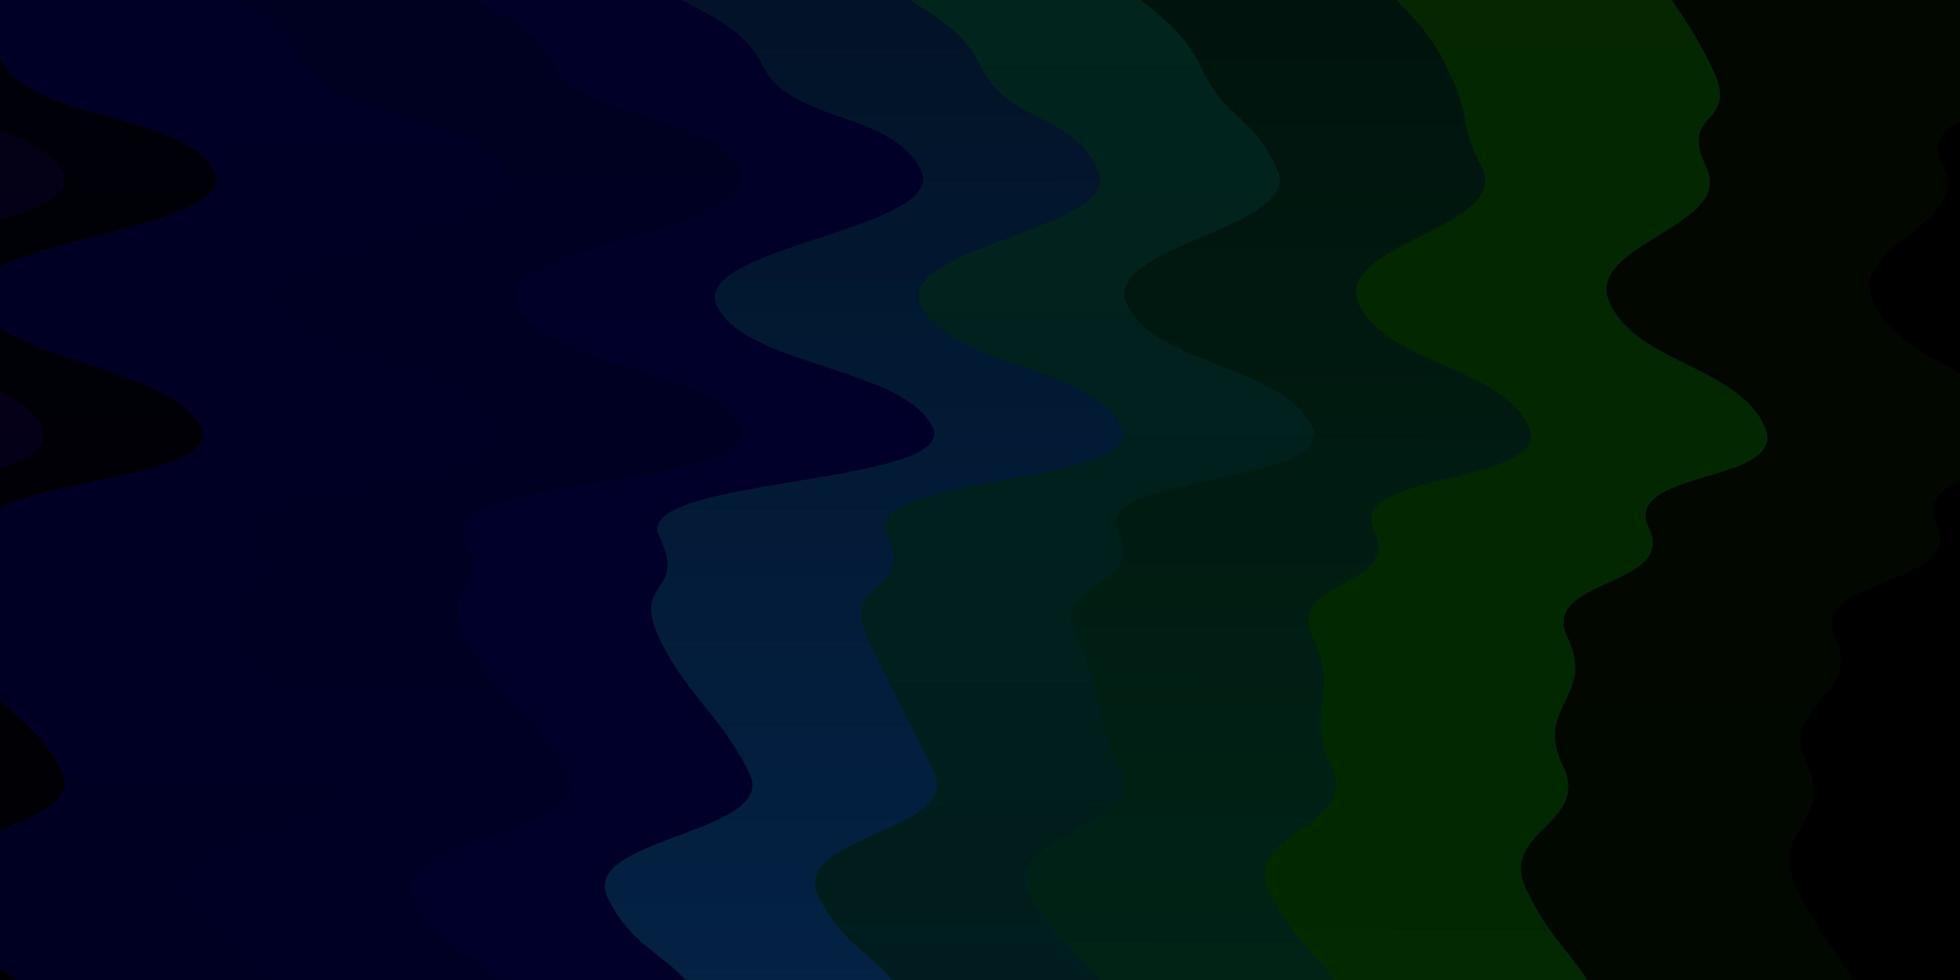 mörkblå, grönt vektormönster med böjda linjer. vektor